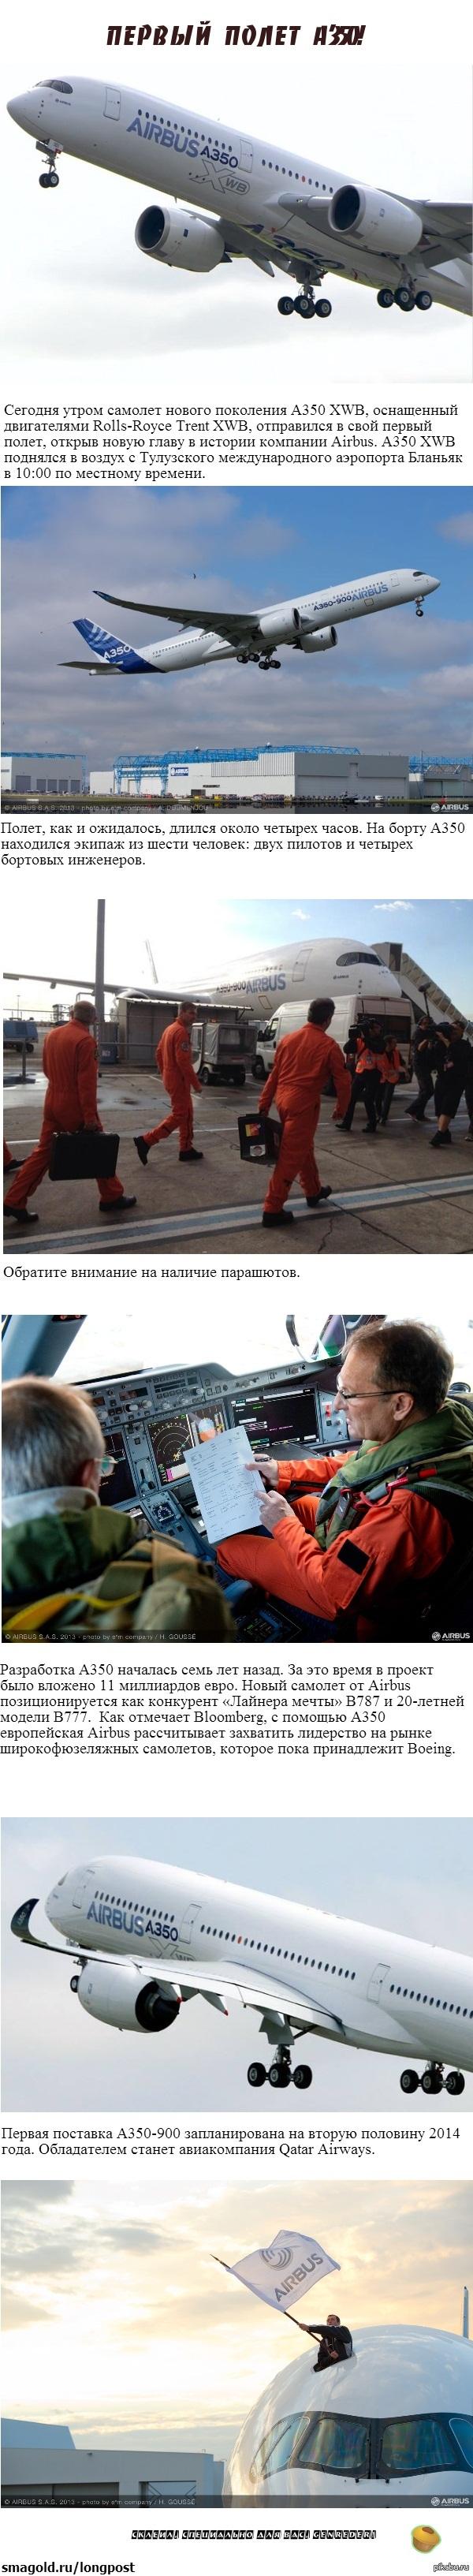 Первый полет!